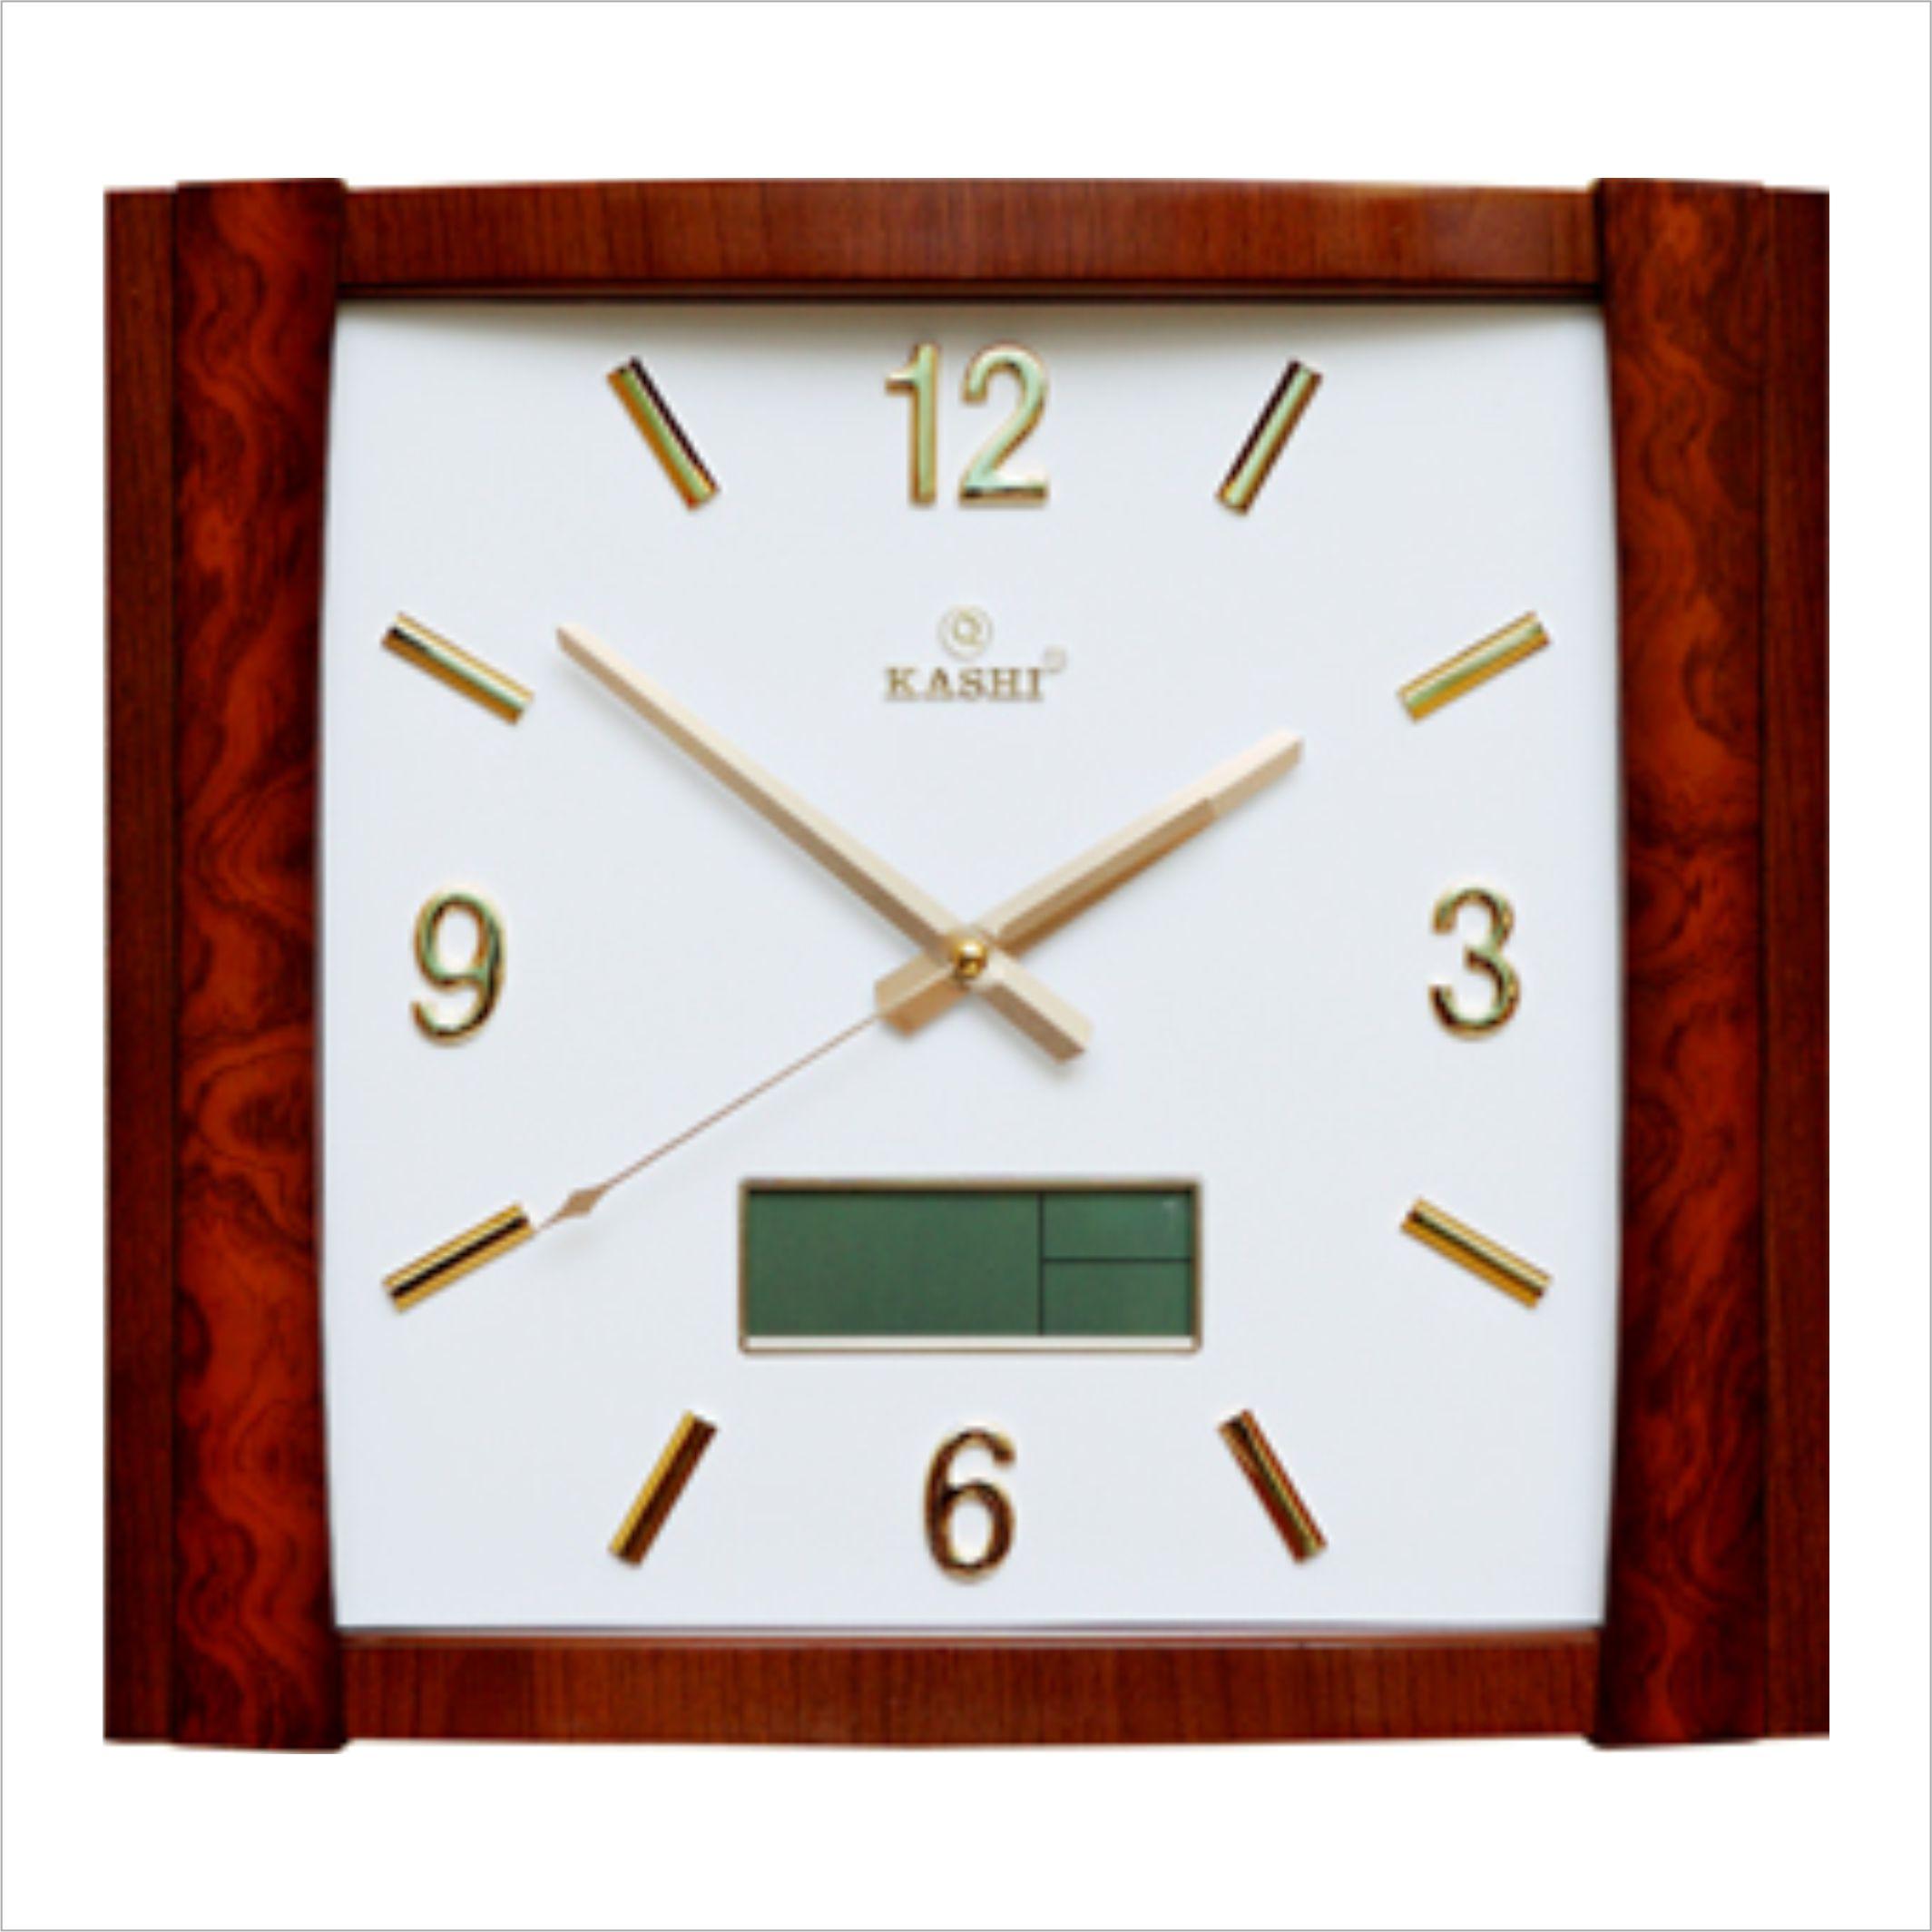 Đồng hồ treo tường DHKN217T Kashi